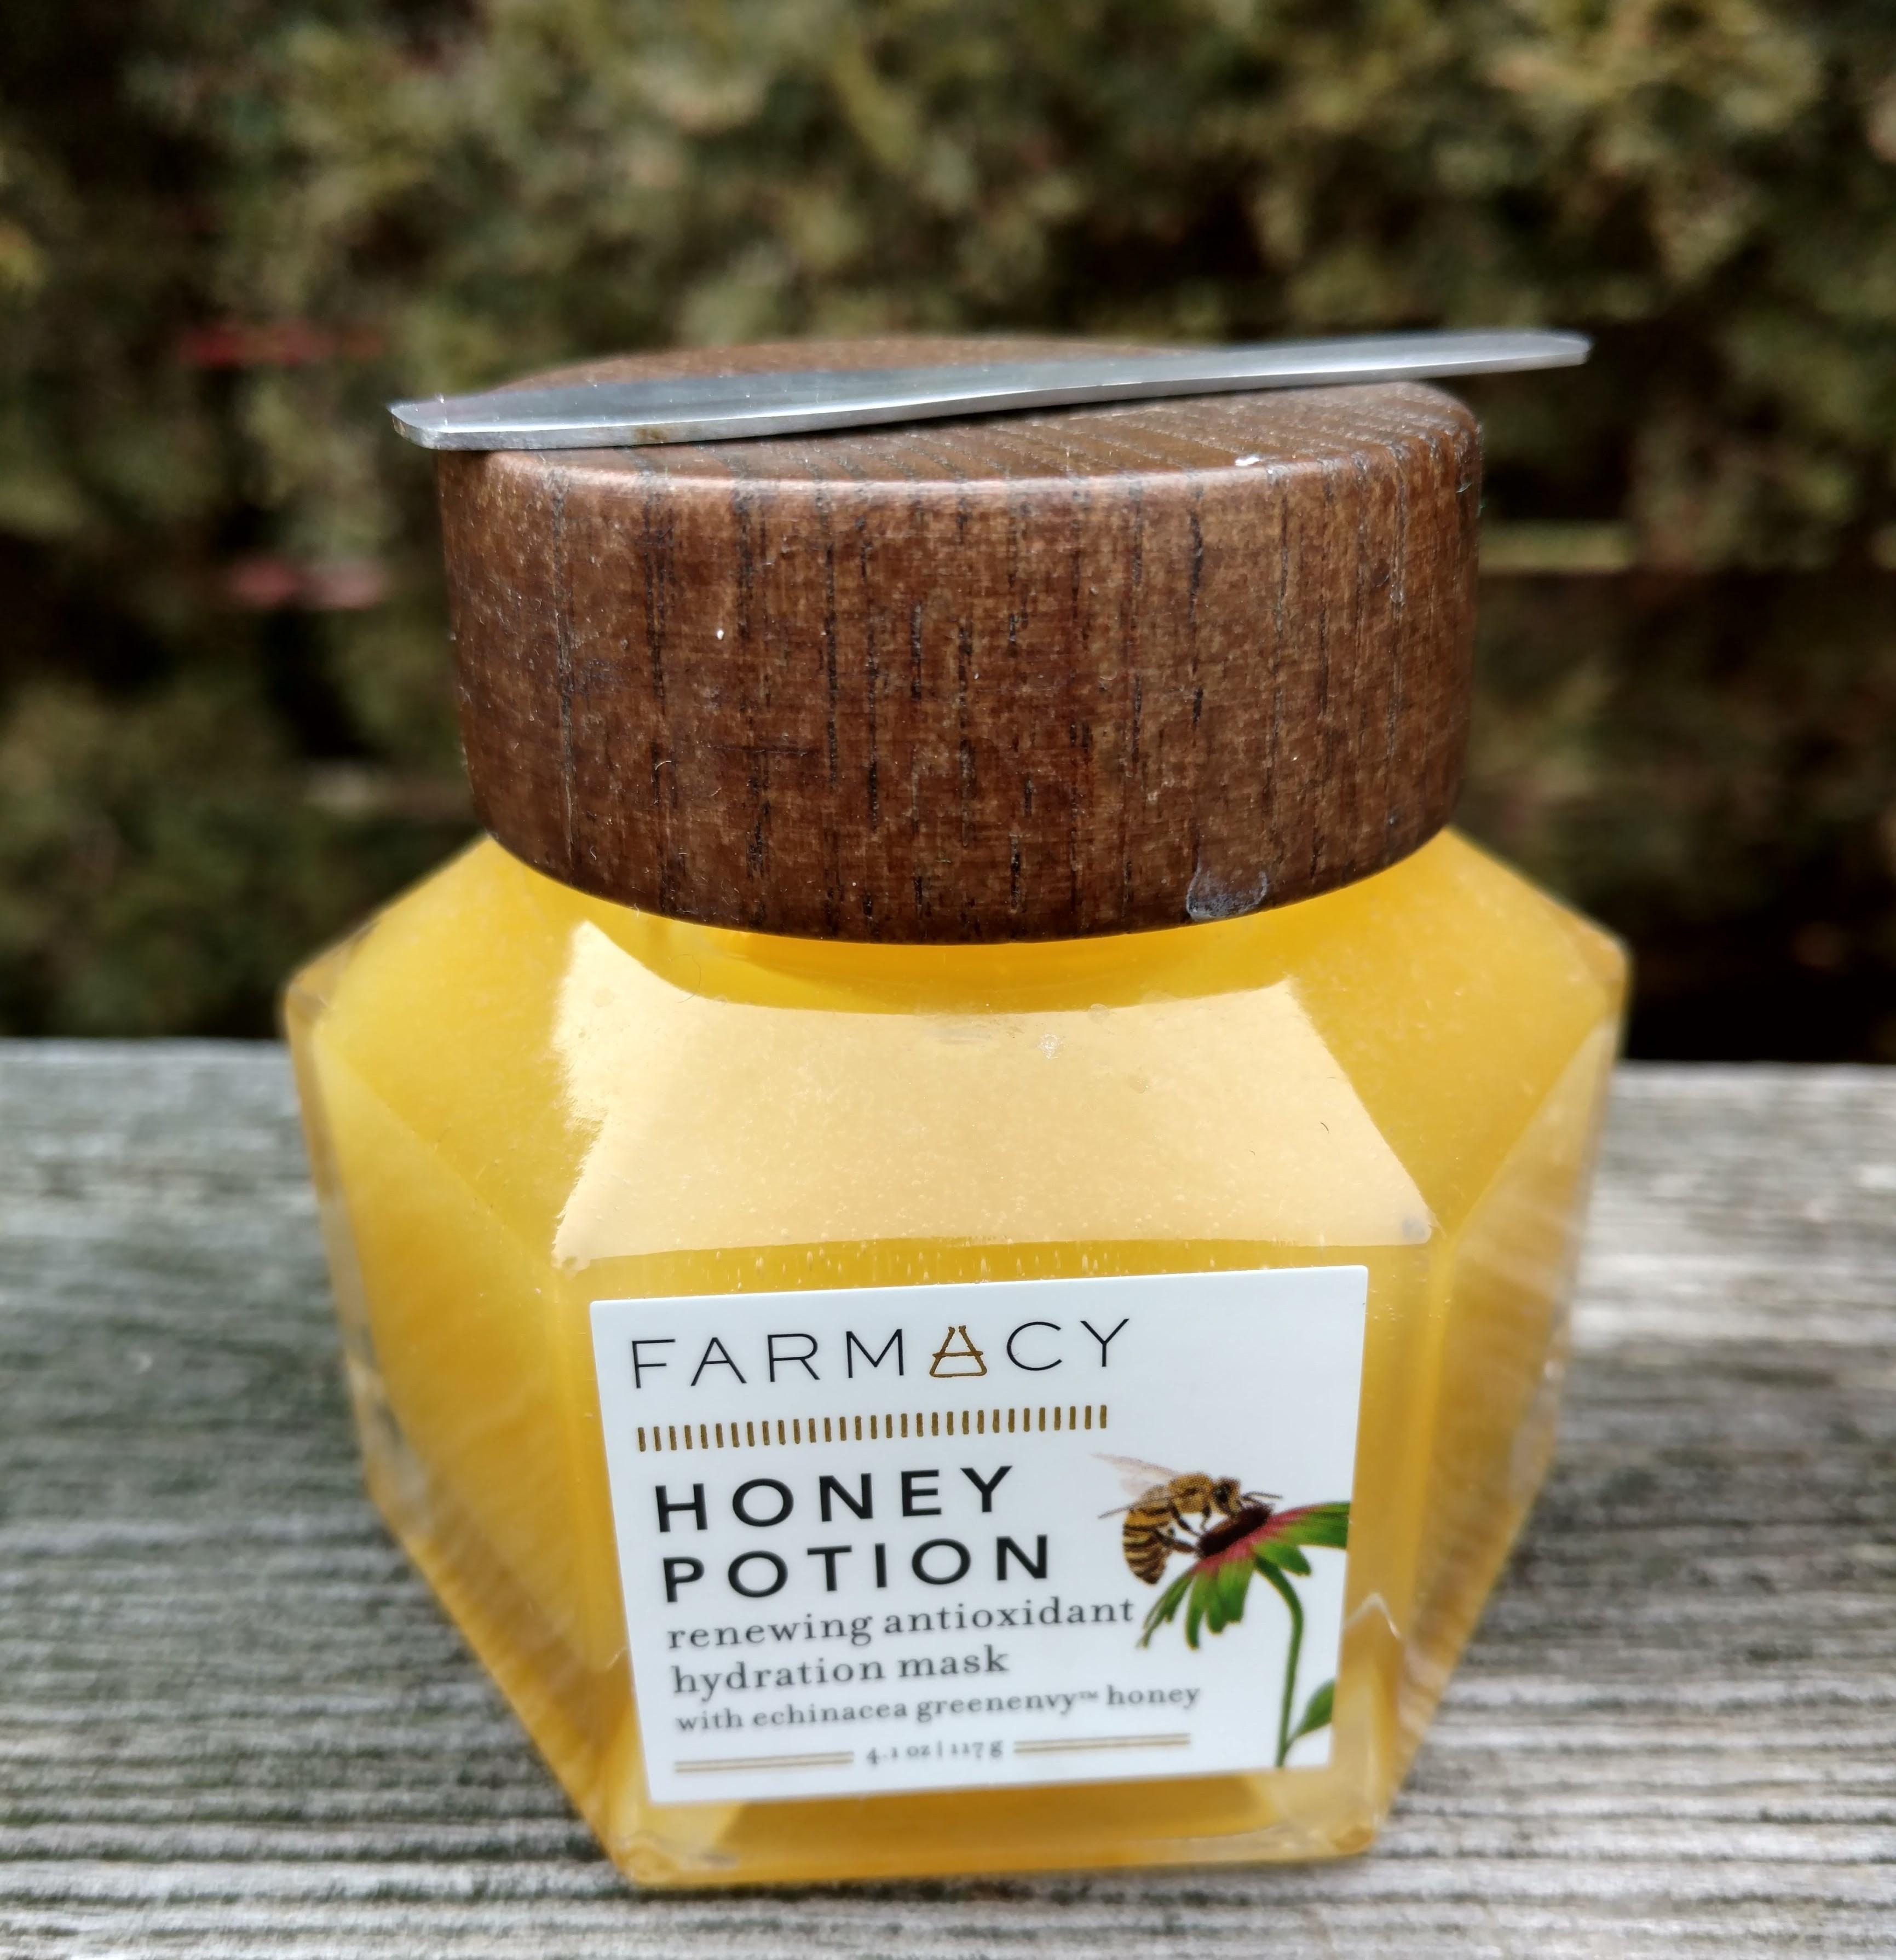 Honey Potion